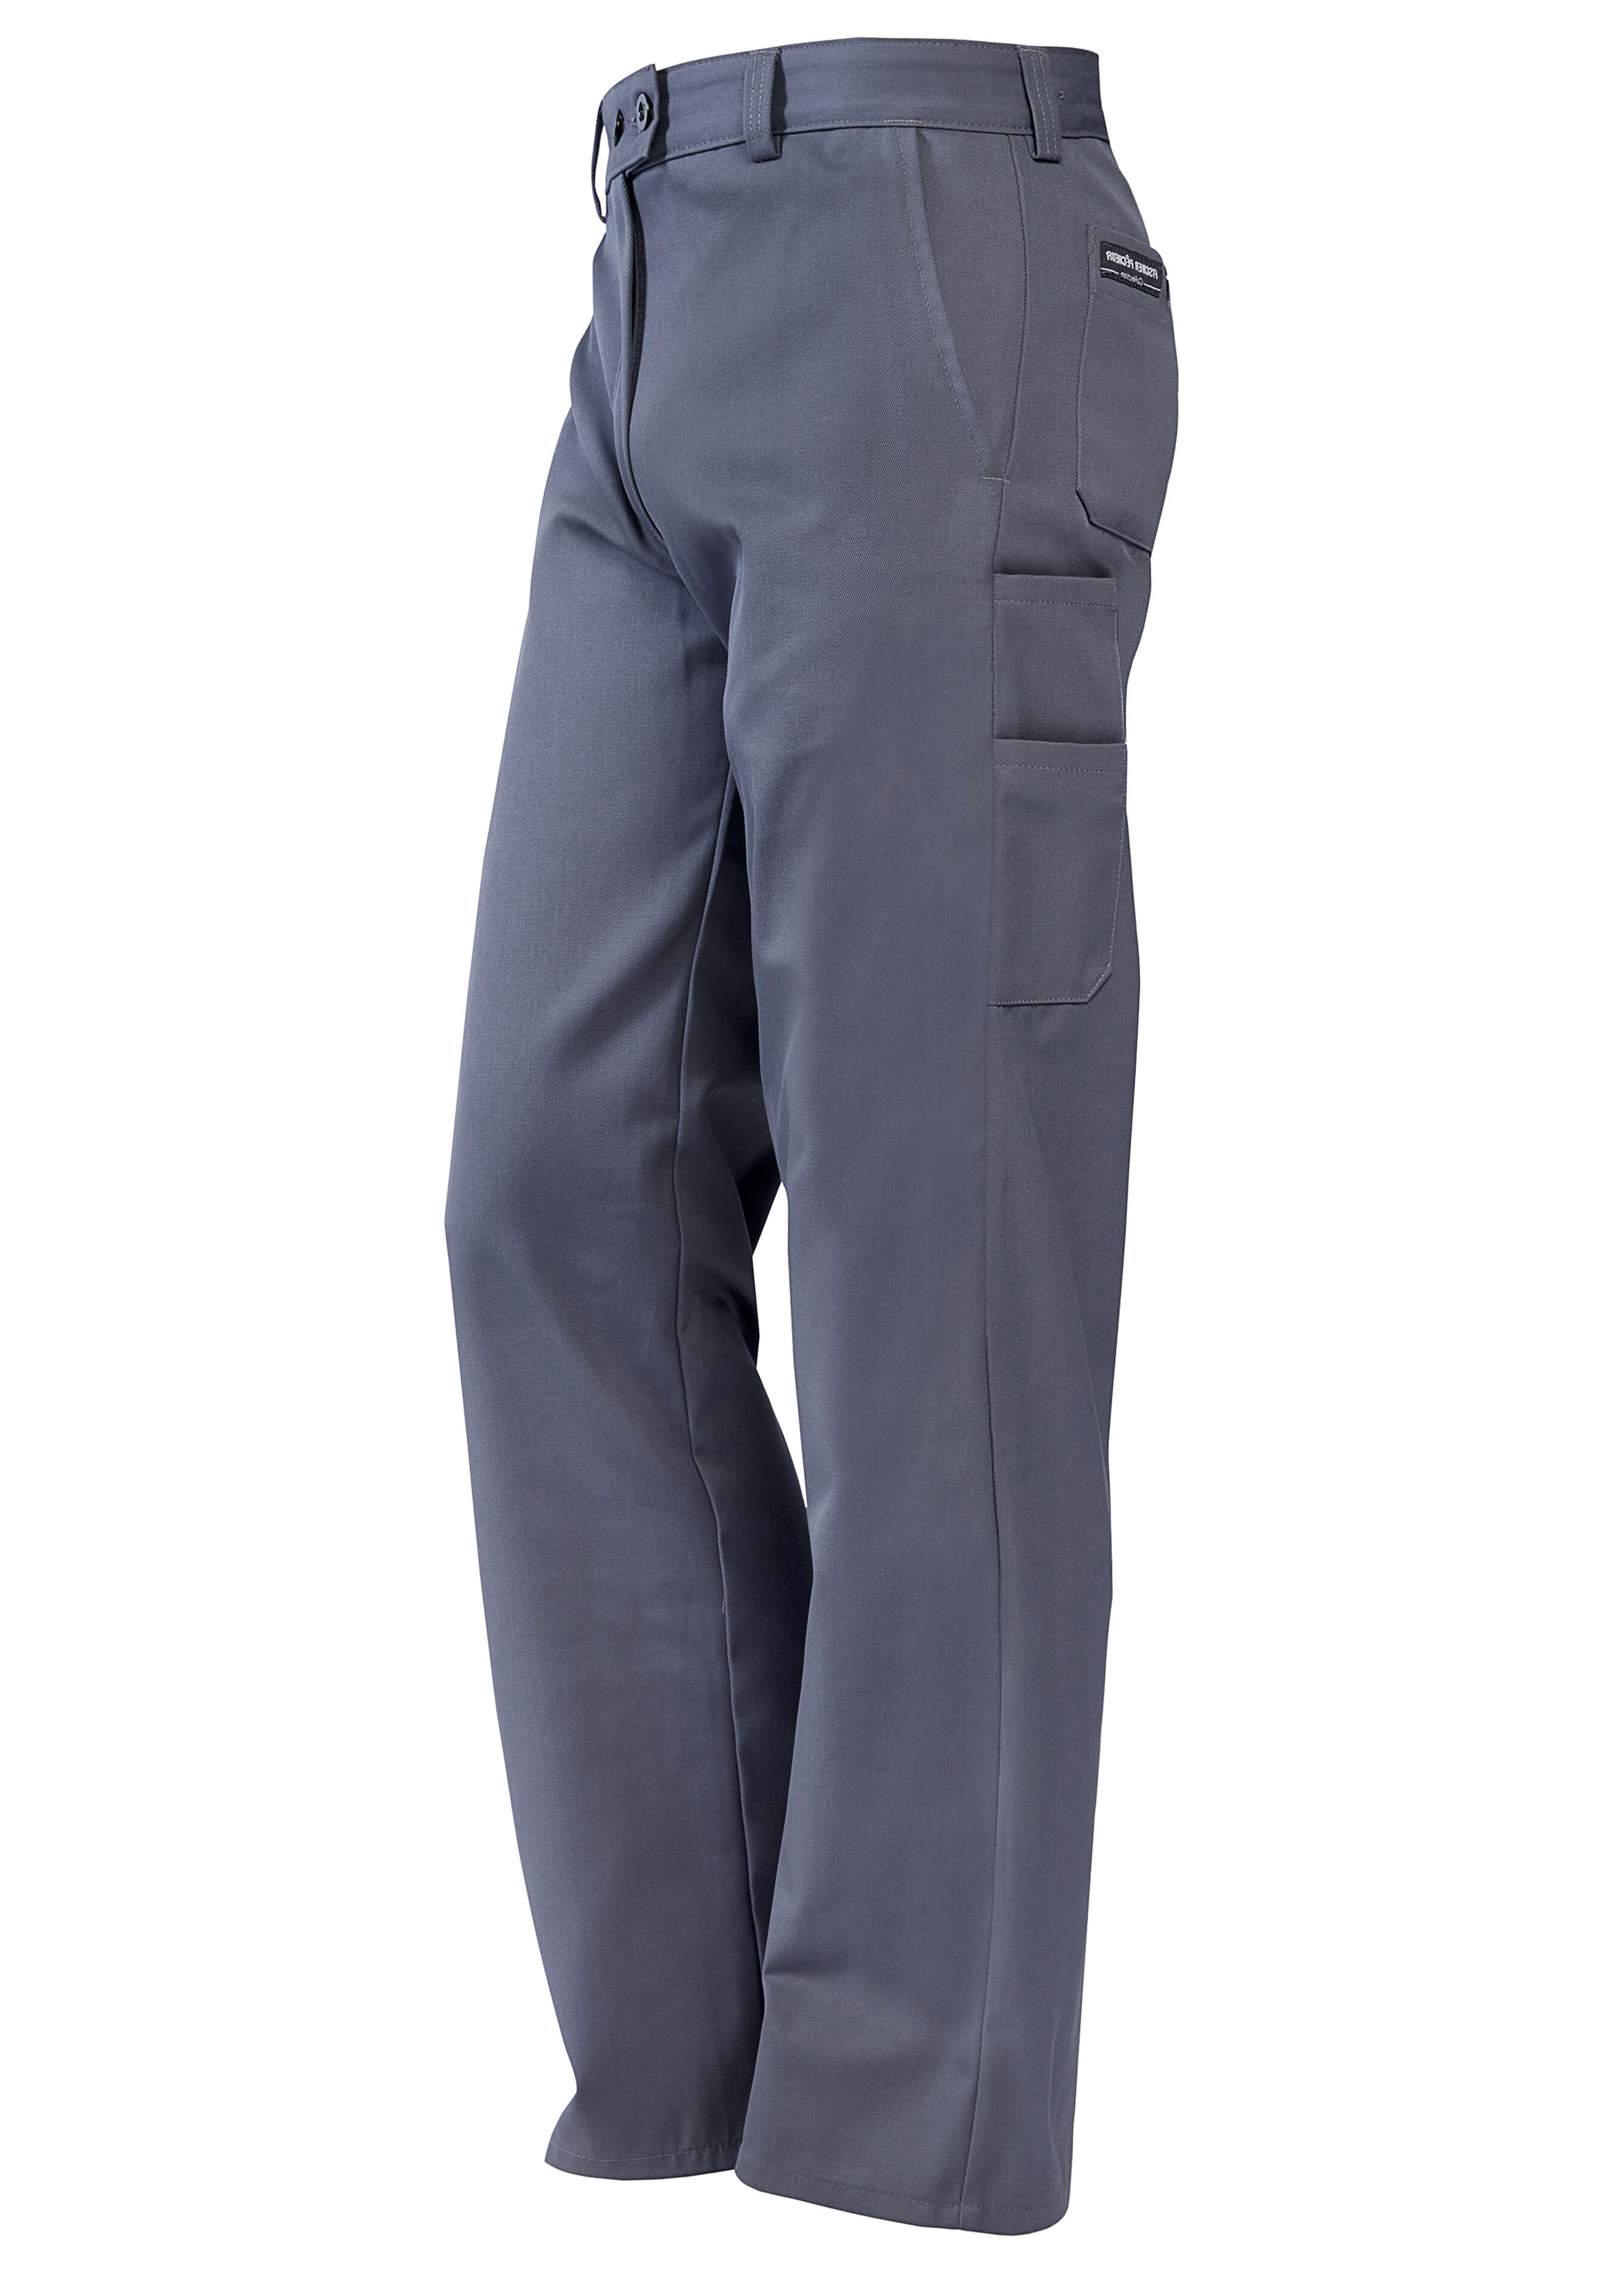 Pantalon Köper 300g/m2 27651146 1